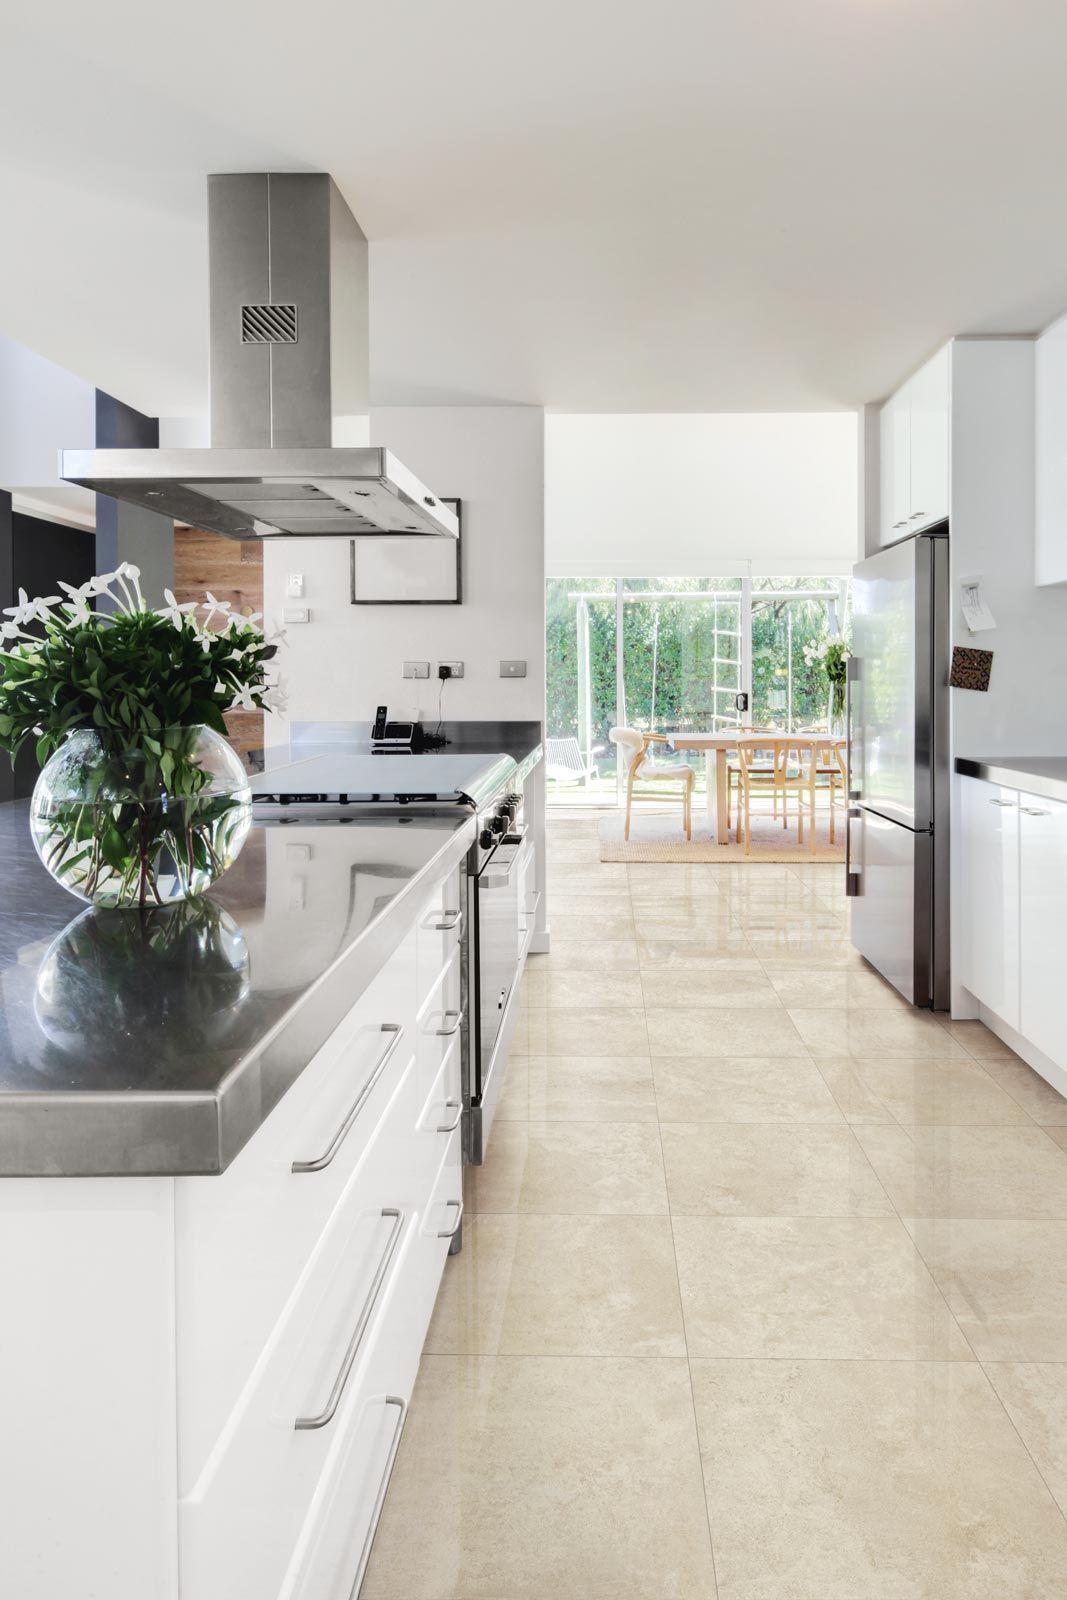 Preview Piastrelle In Ceramica Marazzi Marazzi Preview Porcelain Ceramics Tiles Piastrelle Progettazione Di Una Cucina Moderna Idee Per La Casa